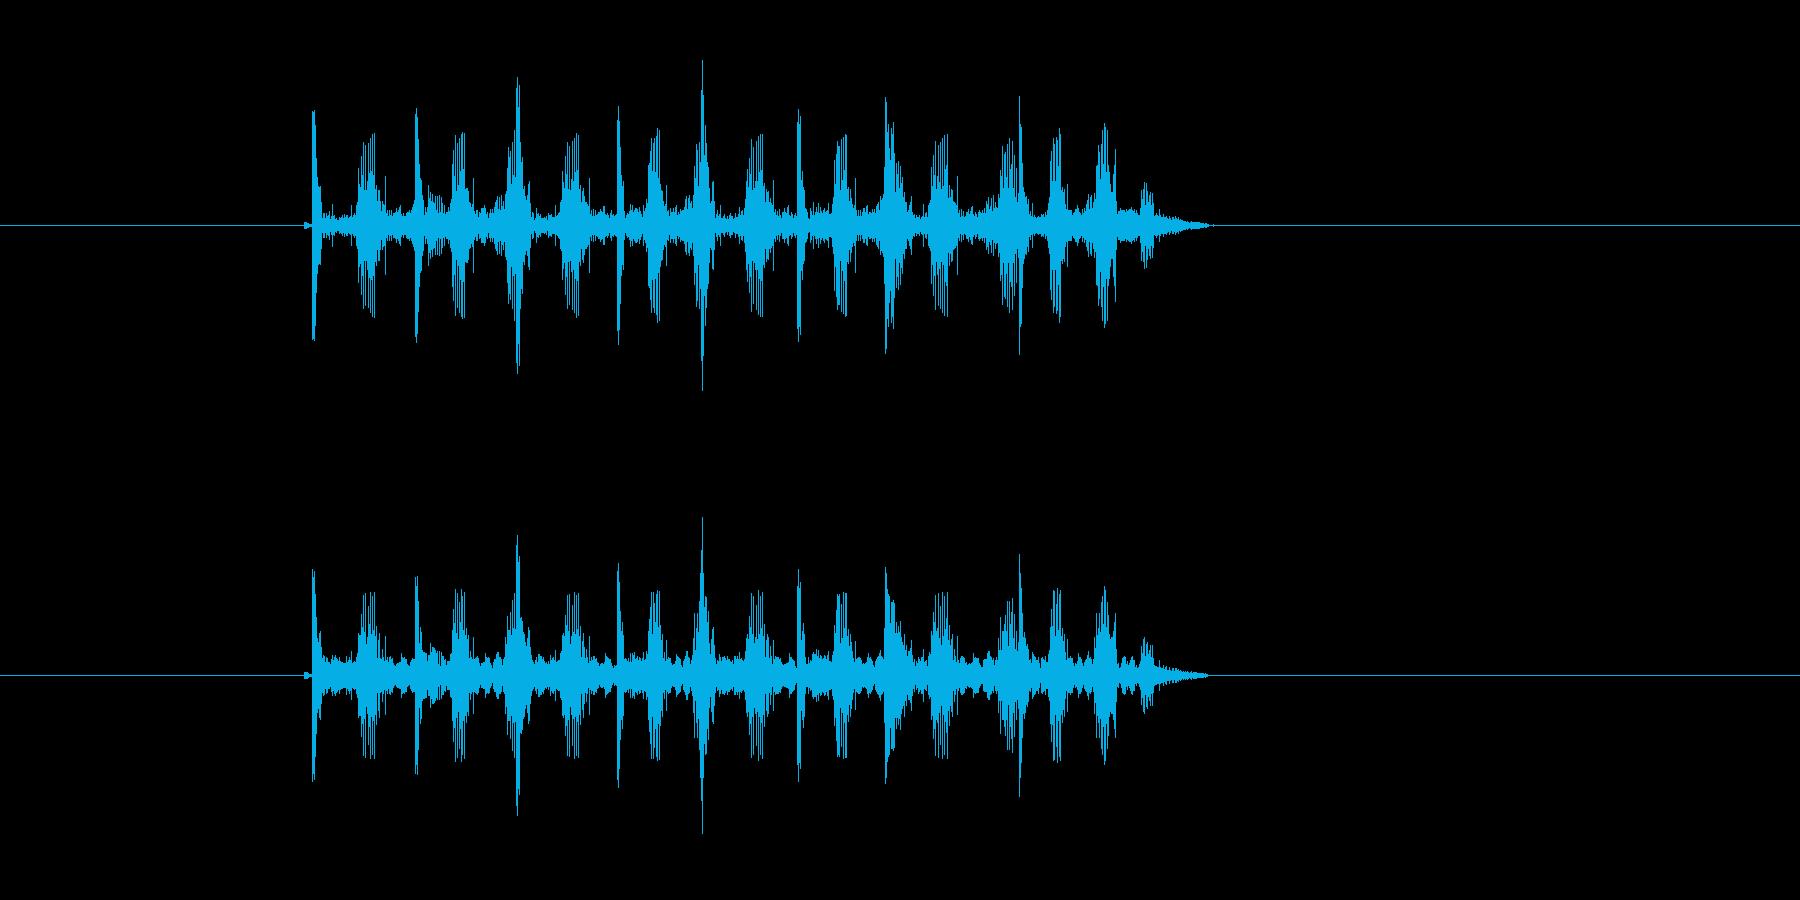 ロボットの歩行音のような効果音の再生済みの波形